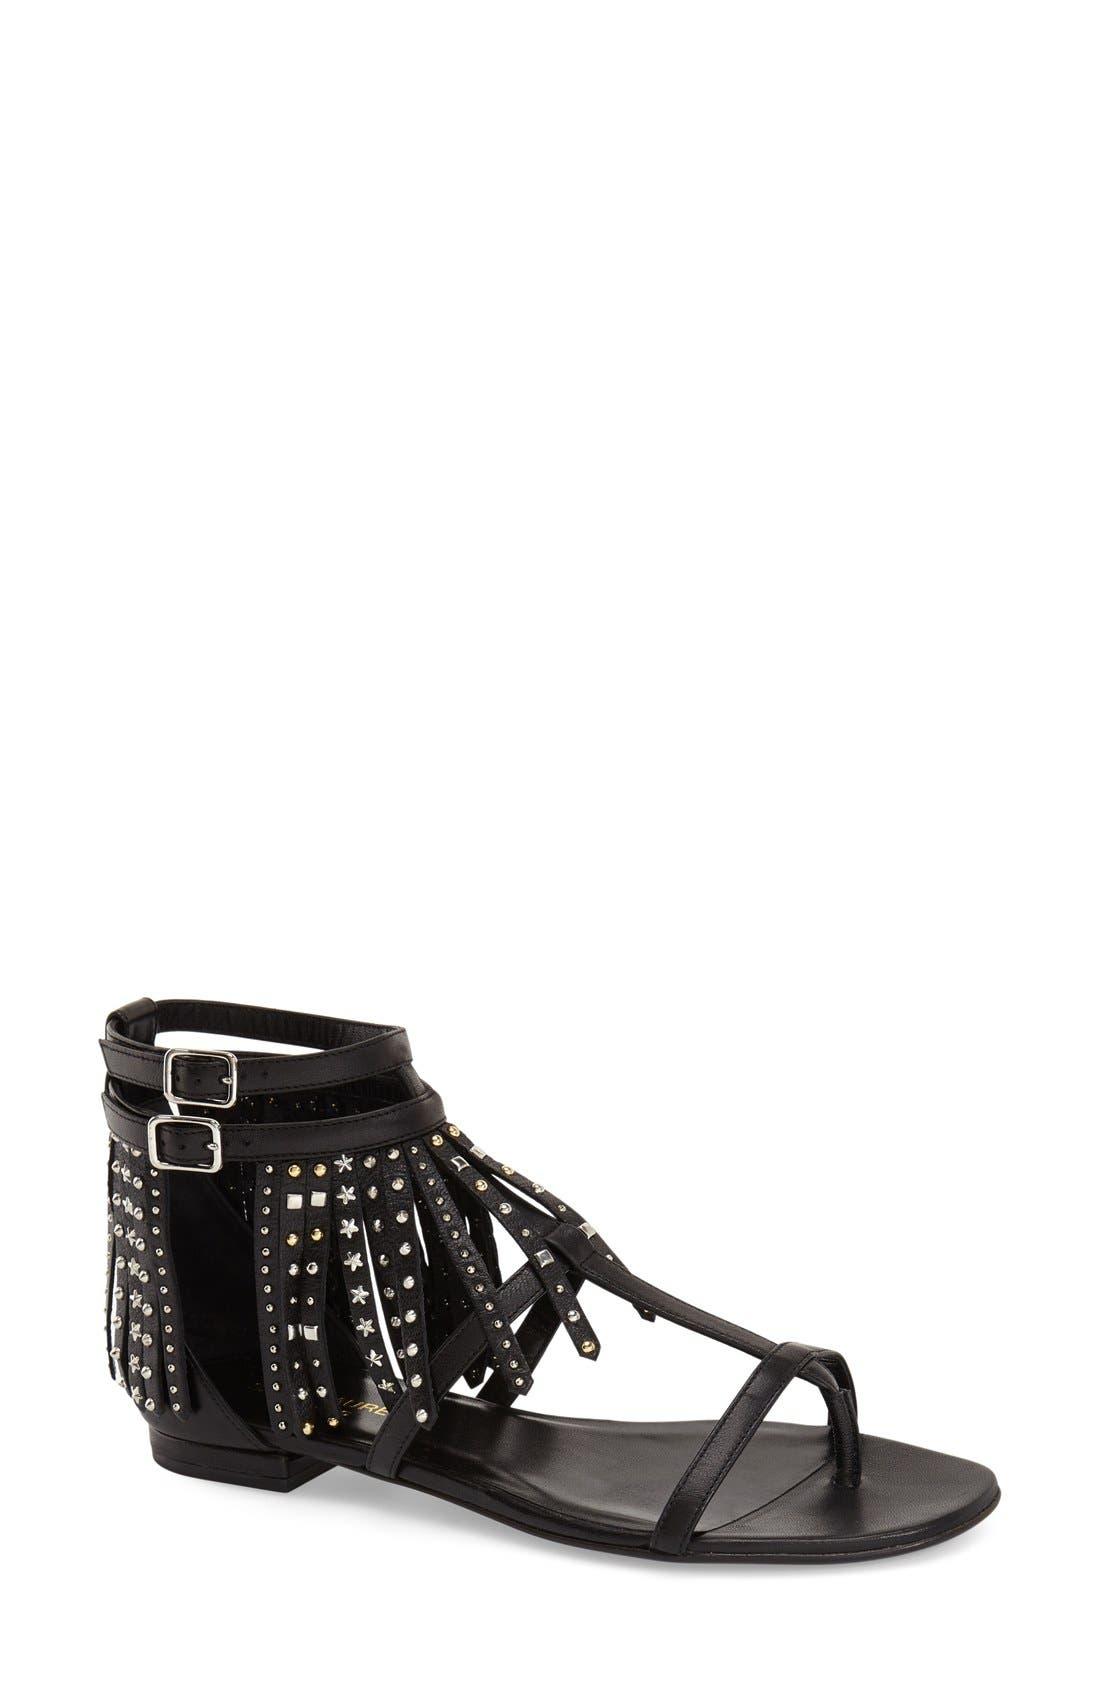 Alternate Image 1 Selected - Saint Laurent 'Nu' Studded Fringe Sandal (Women)